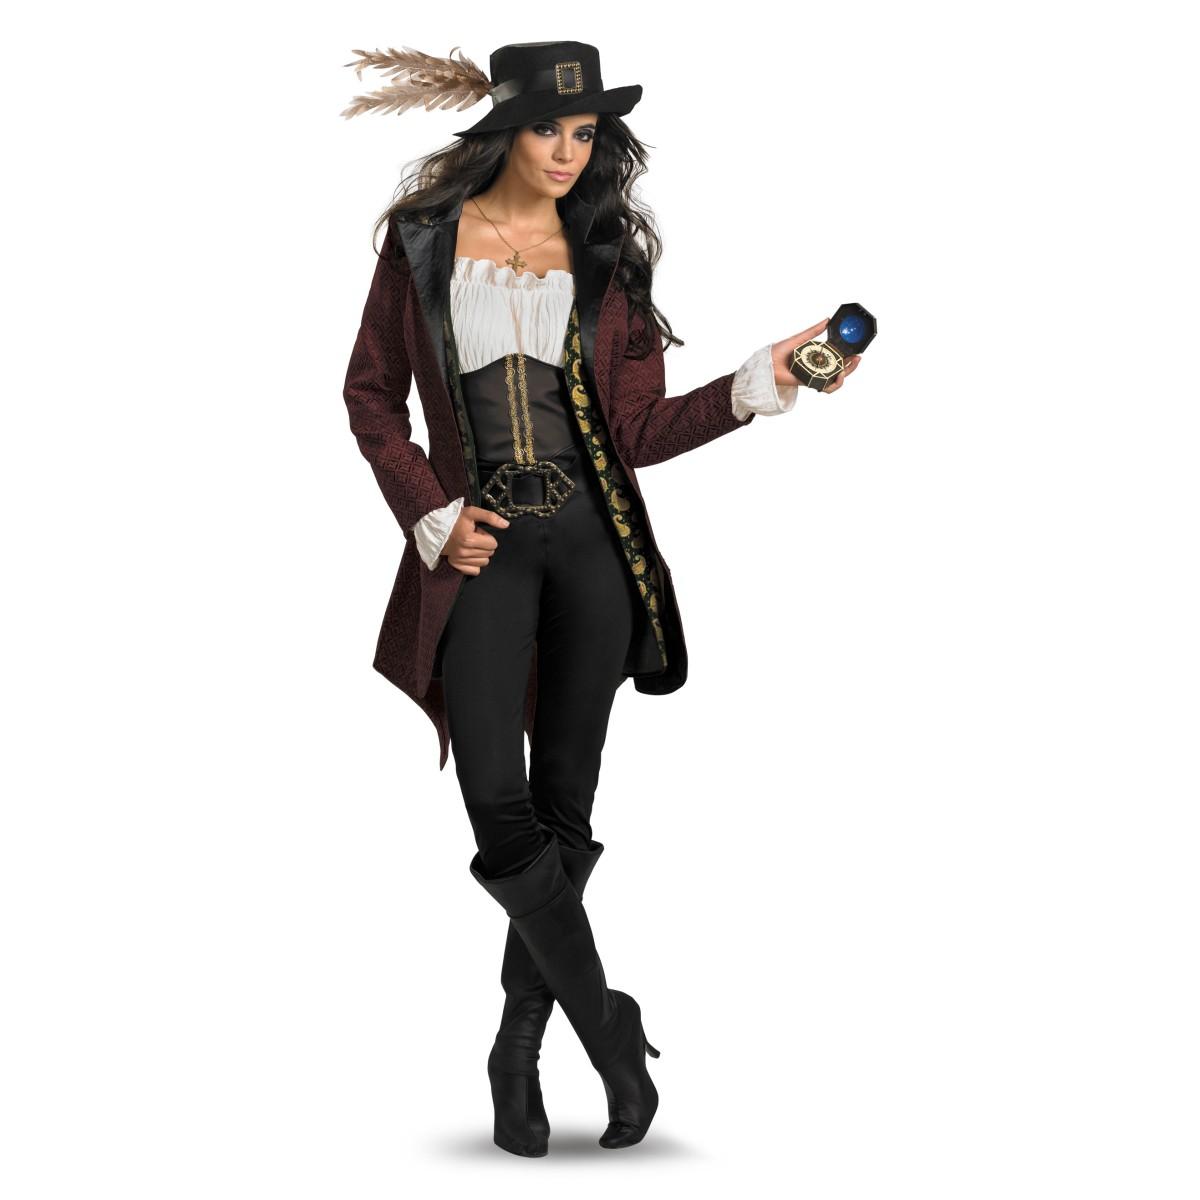 パイレーツ・オブ・カリビアン コスプレ コスチューム 海賊 衣装 大人 女性 アンジェリカ 仮装 服 生命の泉